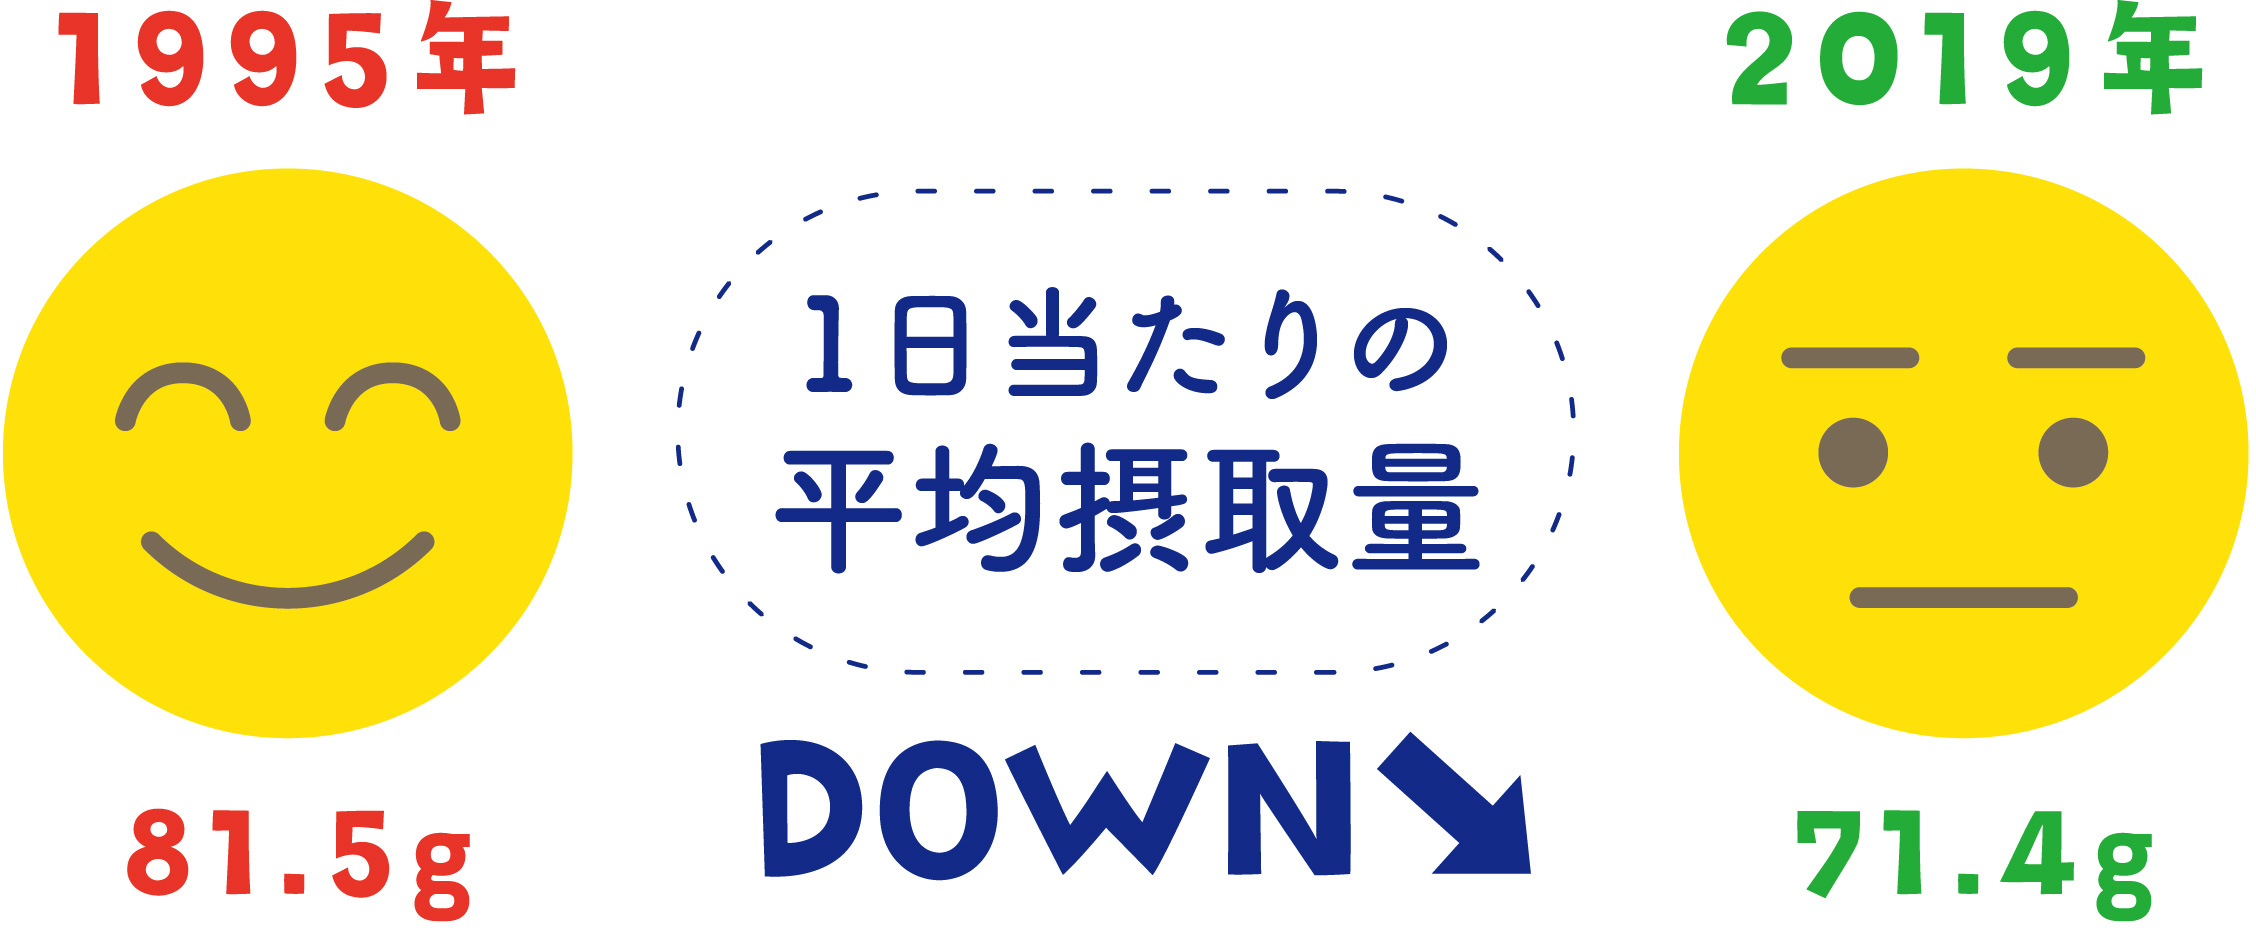 日本人のたんぱく質平均摂取量